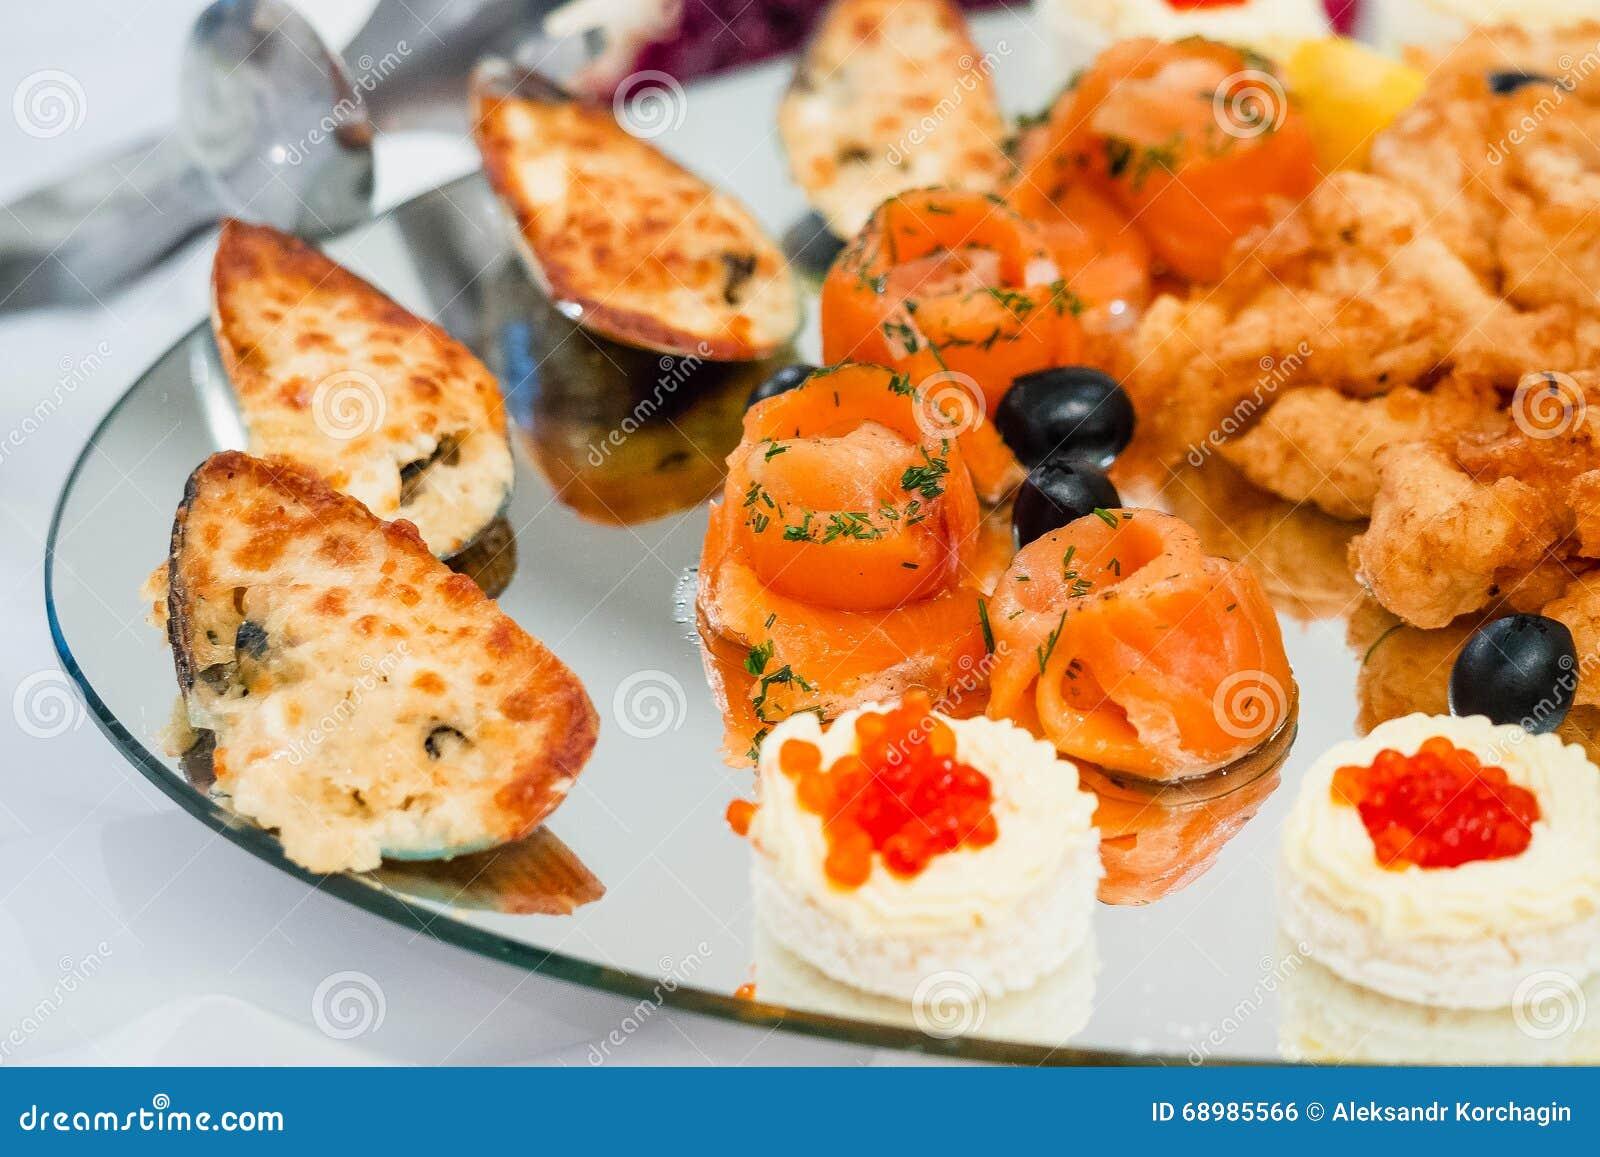 Pedazos de salmones y de mejillones cocinados rojo